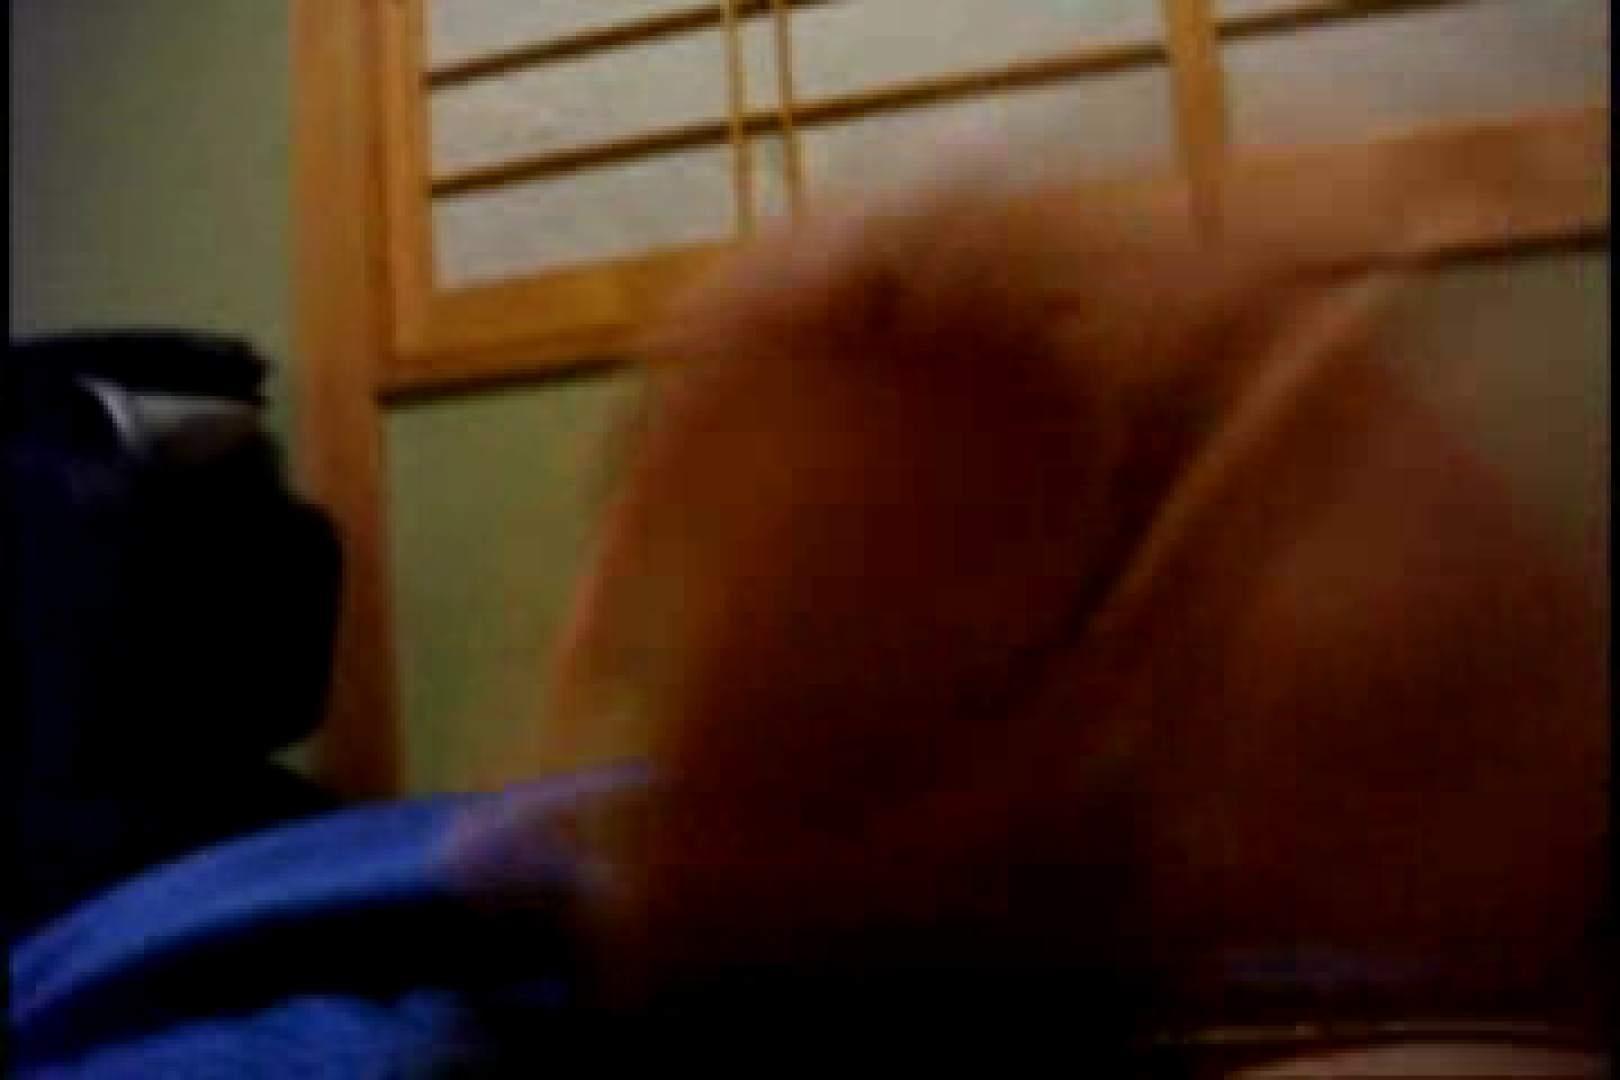 オナ好きノンケテニス部員の自画撮り投稿vol.02 モザ無し エロビデオ紹介 77枚 51